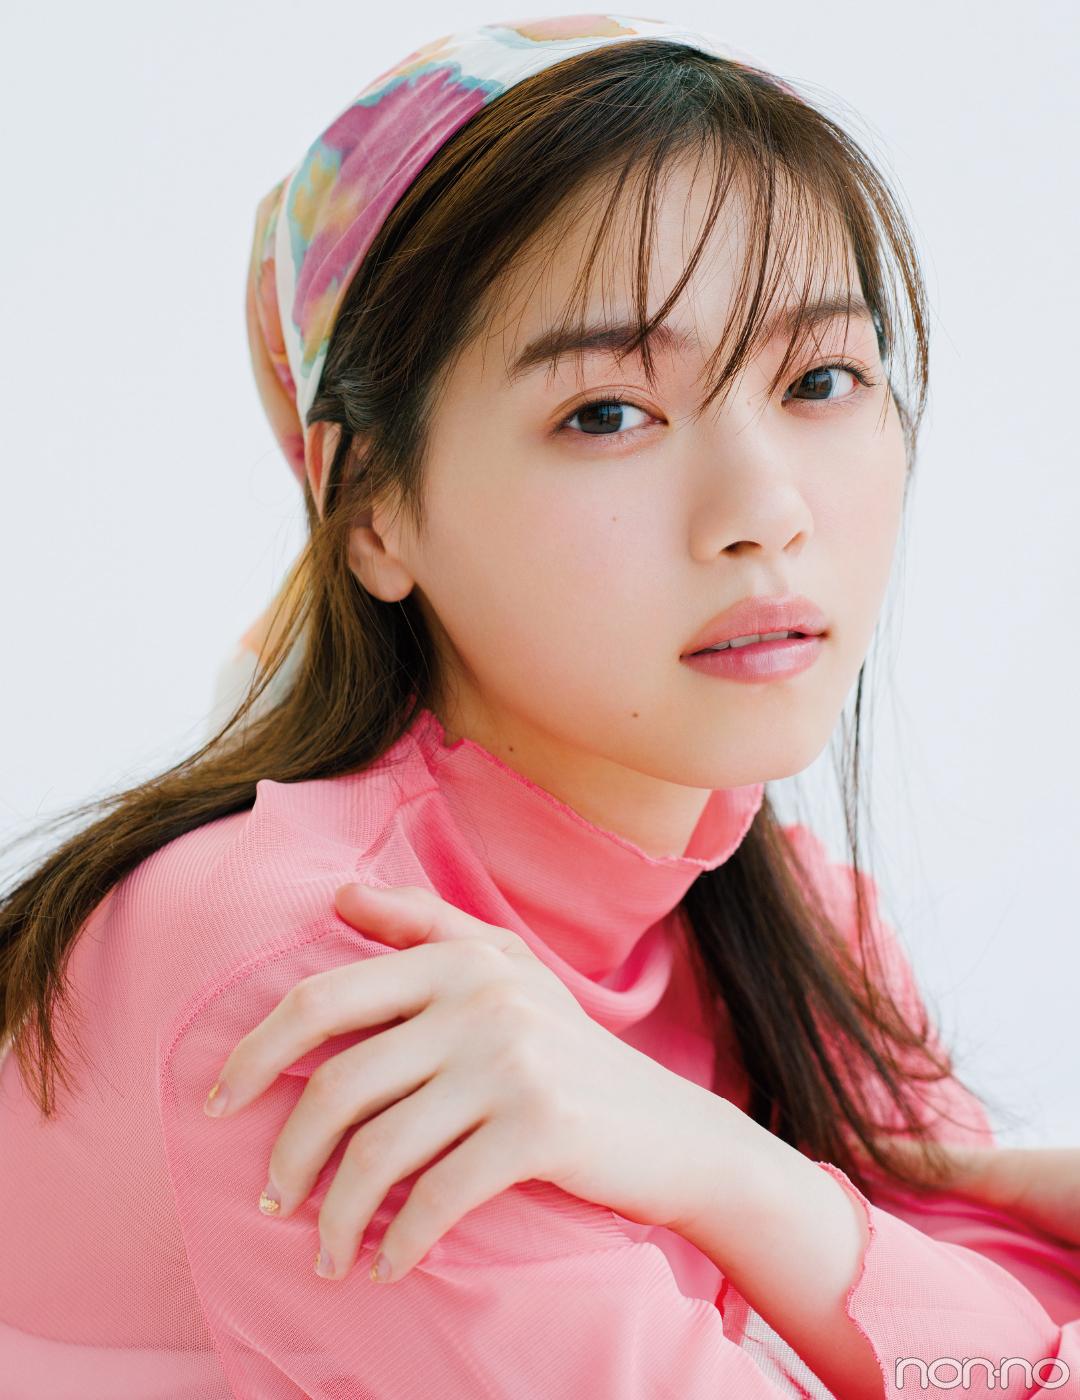 西野七瀬の+2℃メイク♡ 目と眉にじんわりピンクでおしゃれオーラが手に入る!_1_2